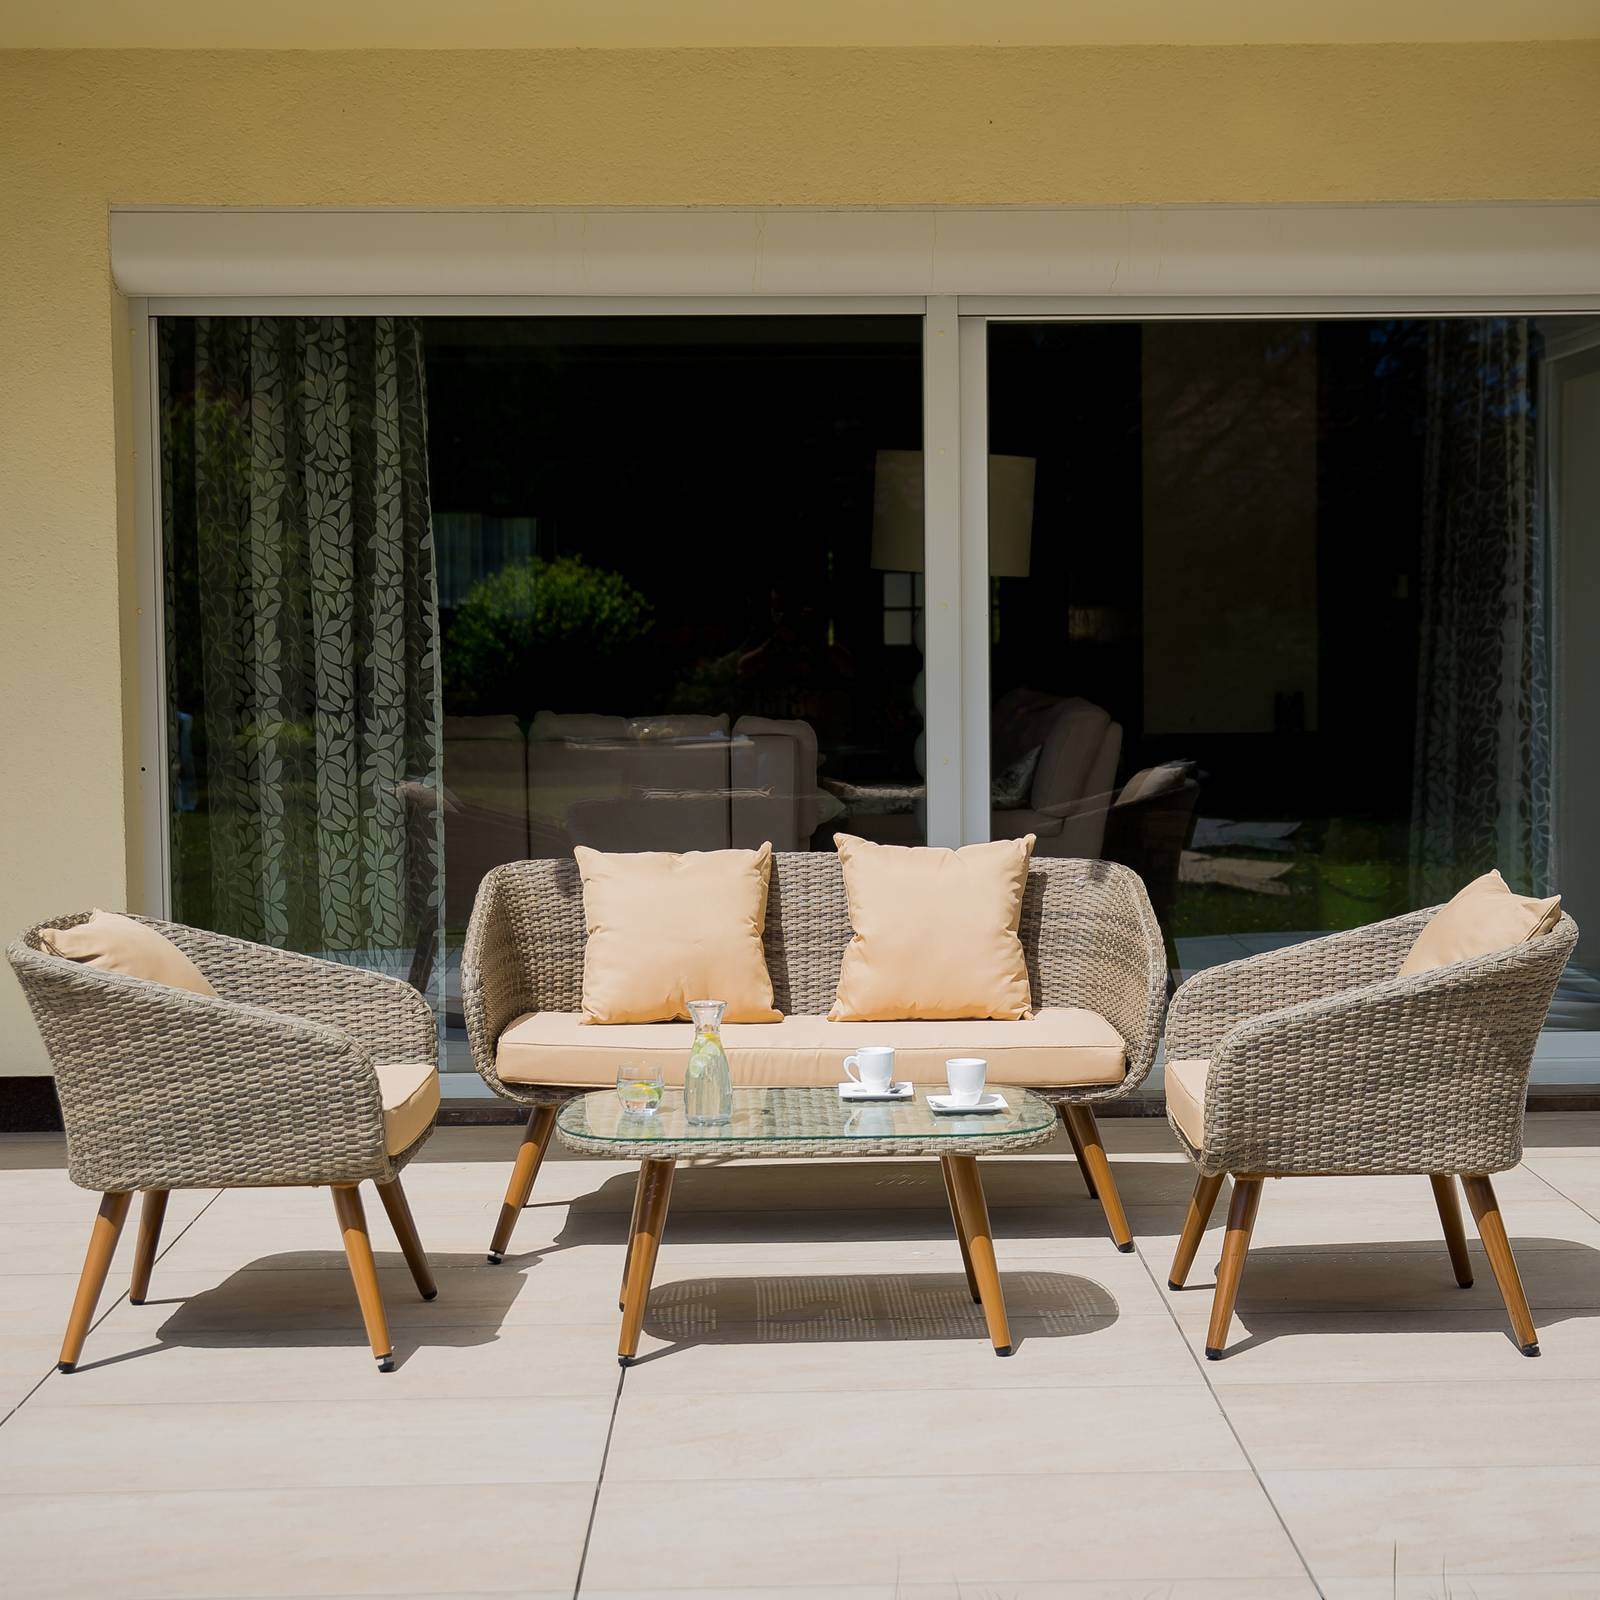 Súprava záhradného nábytku z technorattanu Marlene Ash Sofa PATIO